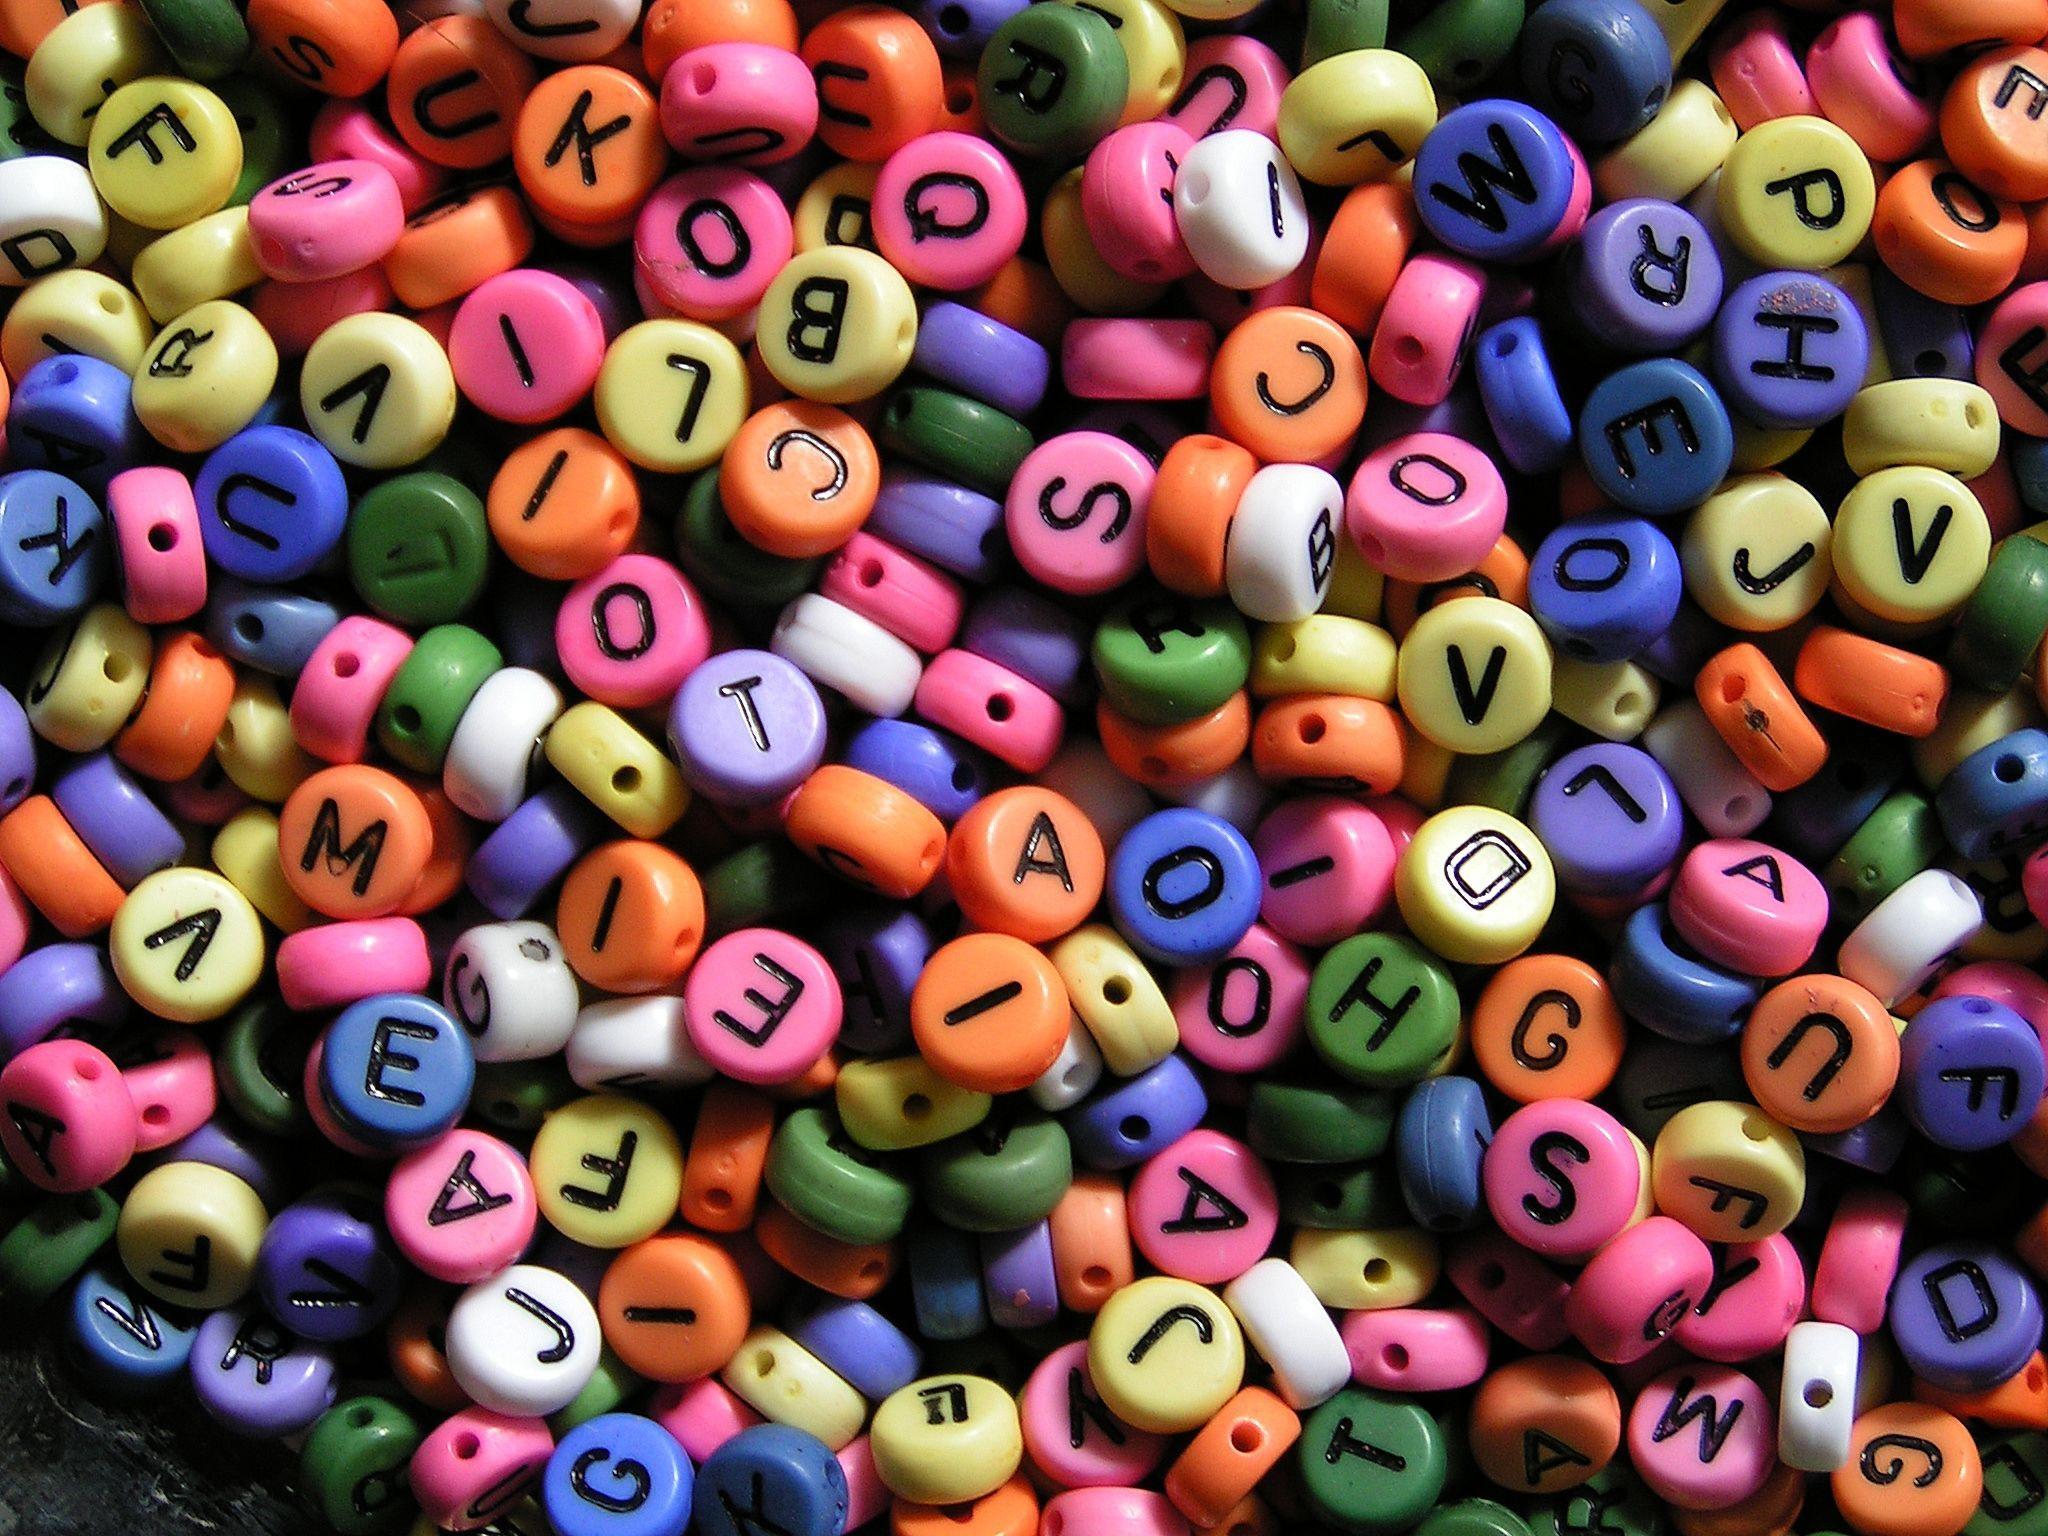 4321 - ¿Cuánto sabes de ortografía?